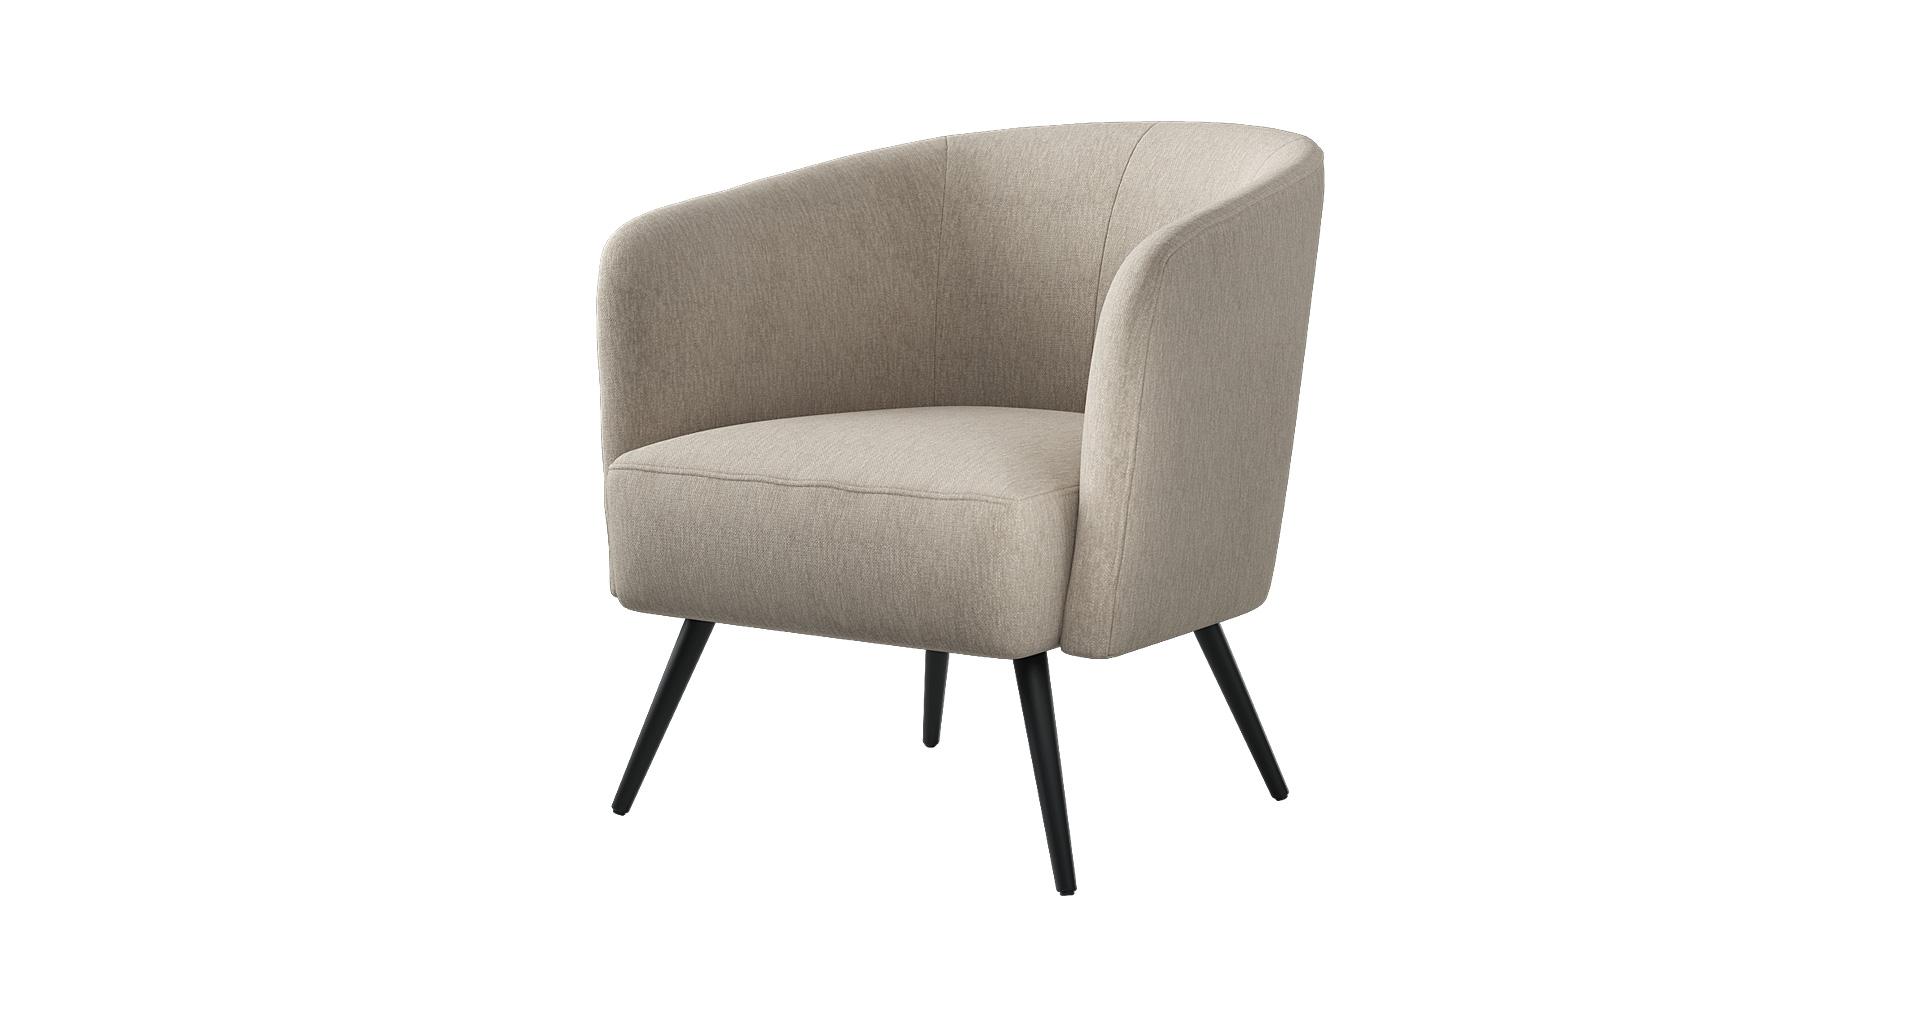 כורסא בארקלי בגוון שומשום בז'